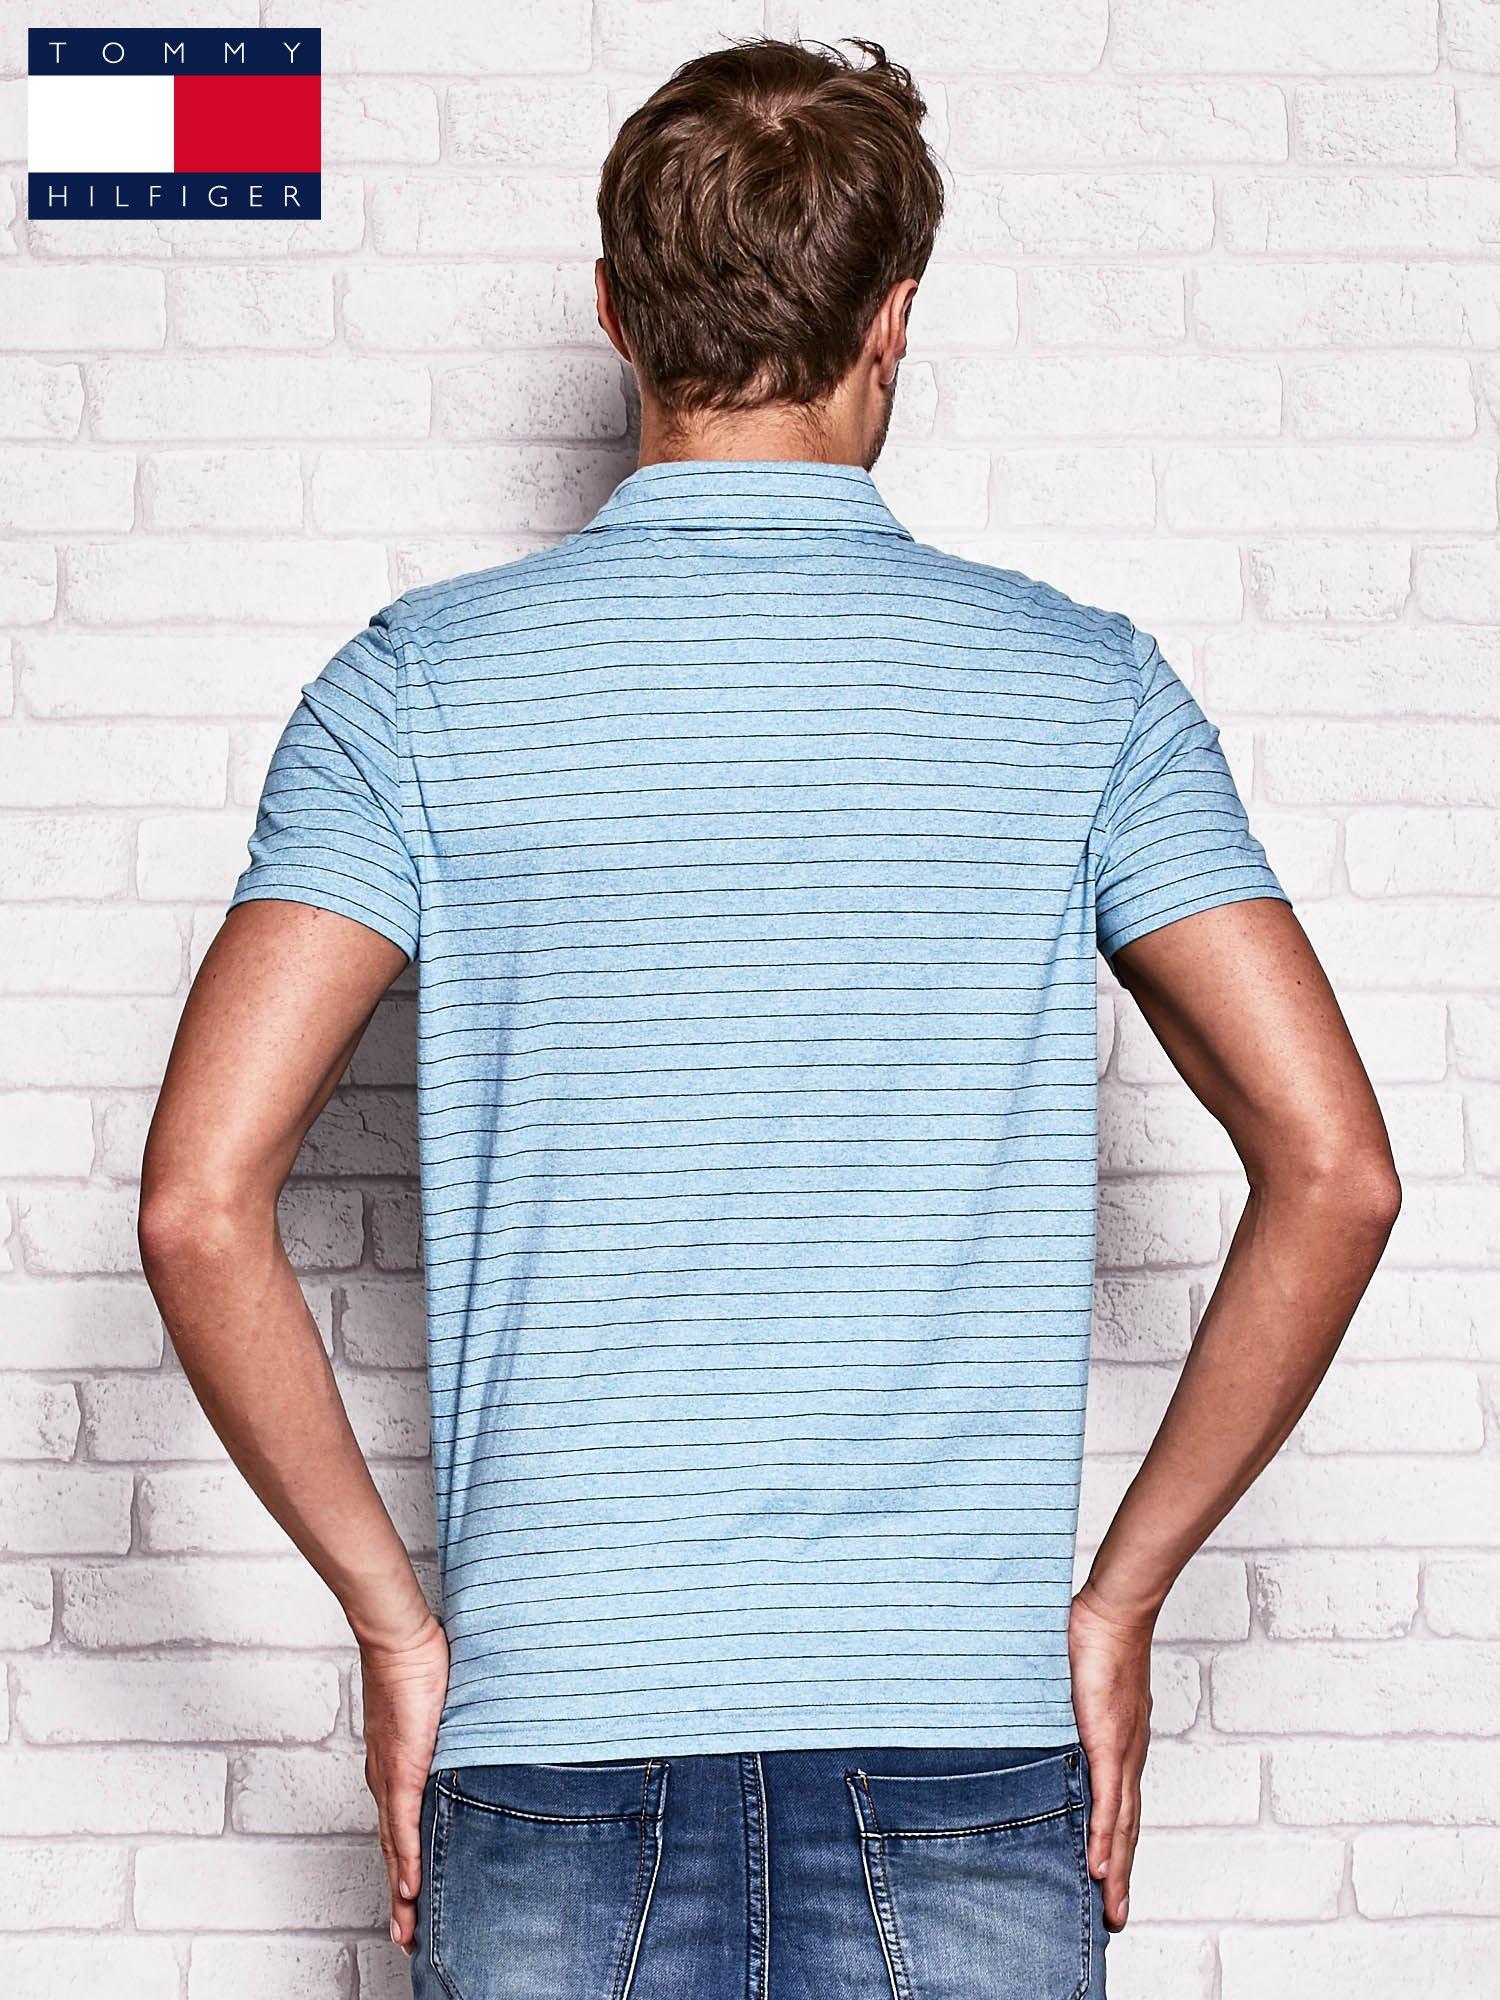 TOMMY HILFIGER Niebieska koszulka polo męska w paski